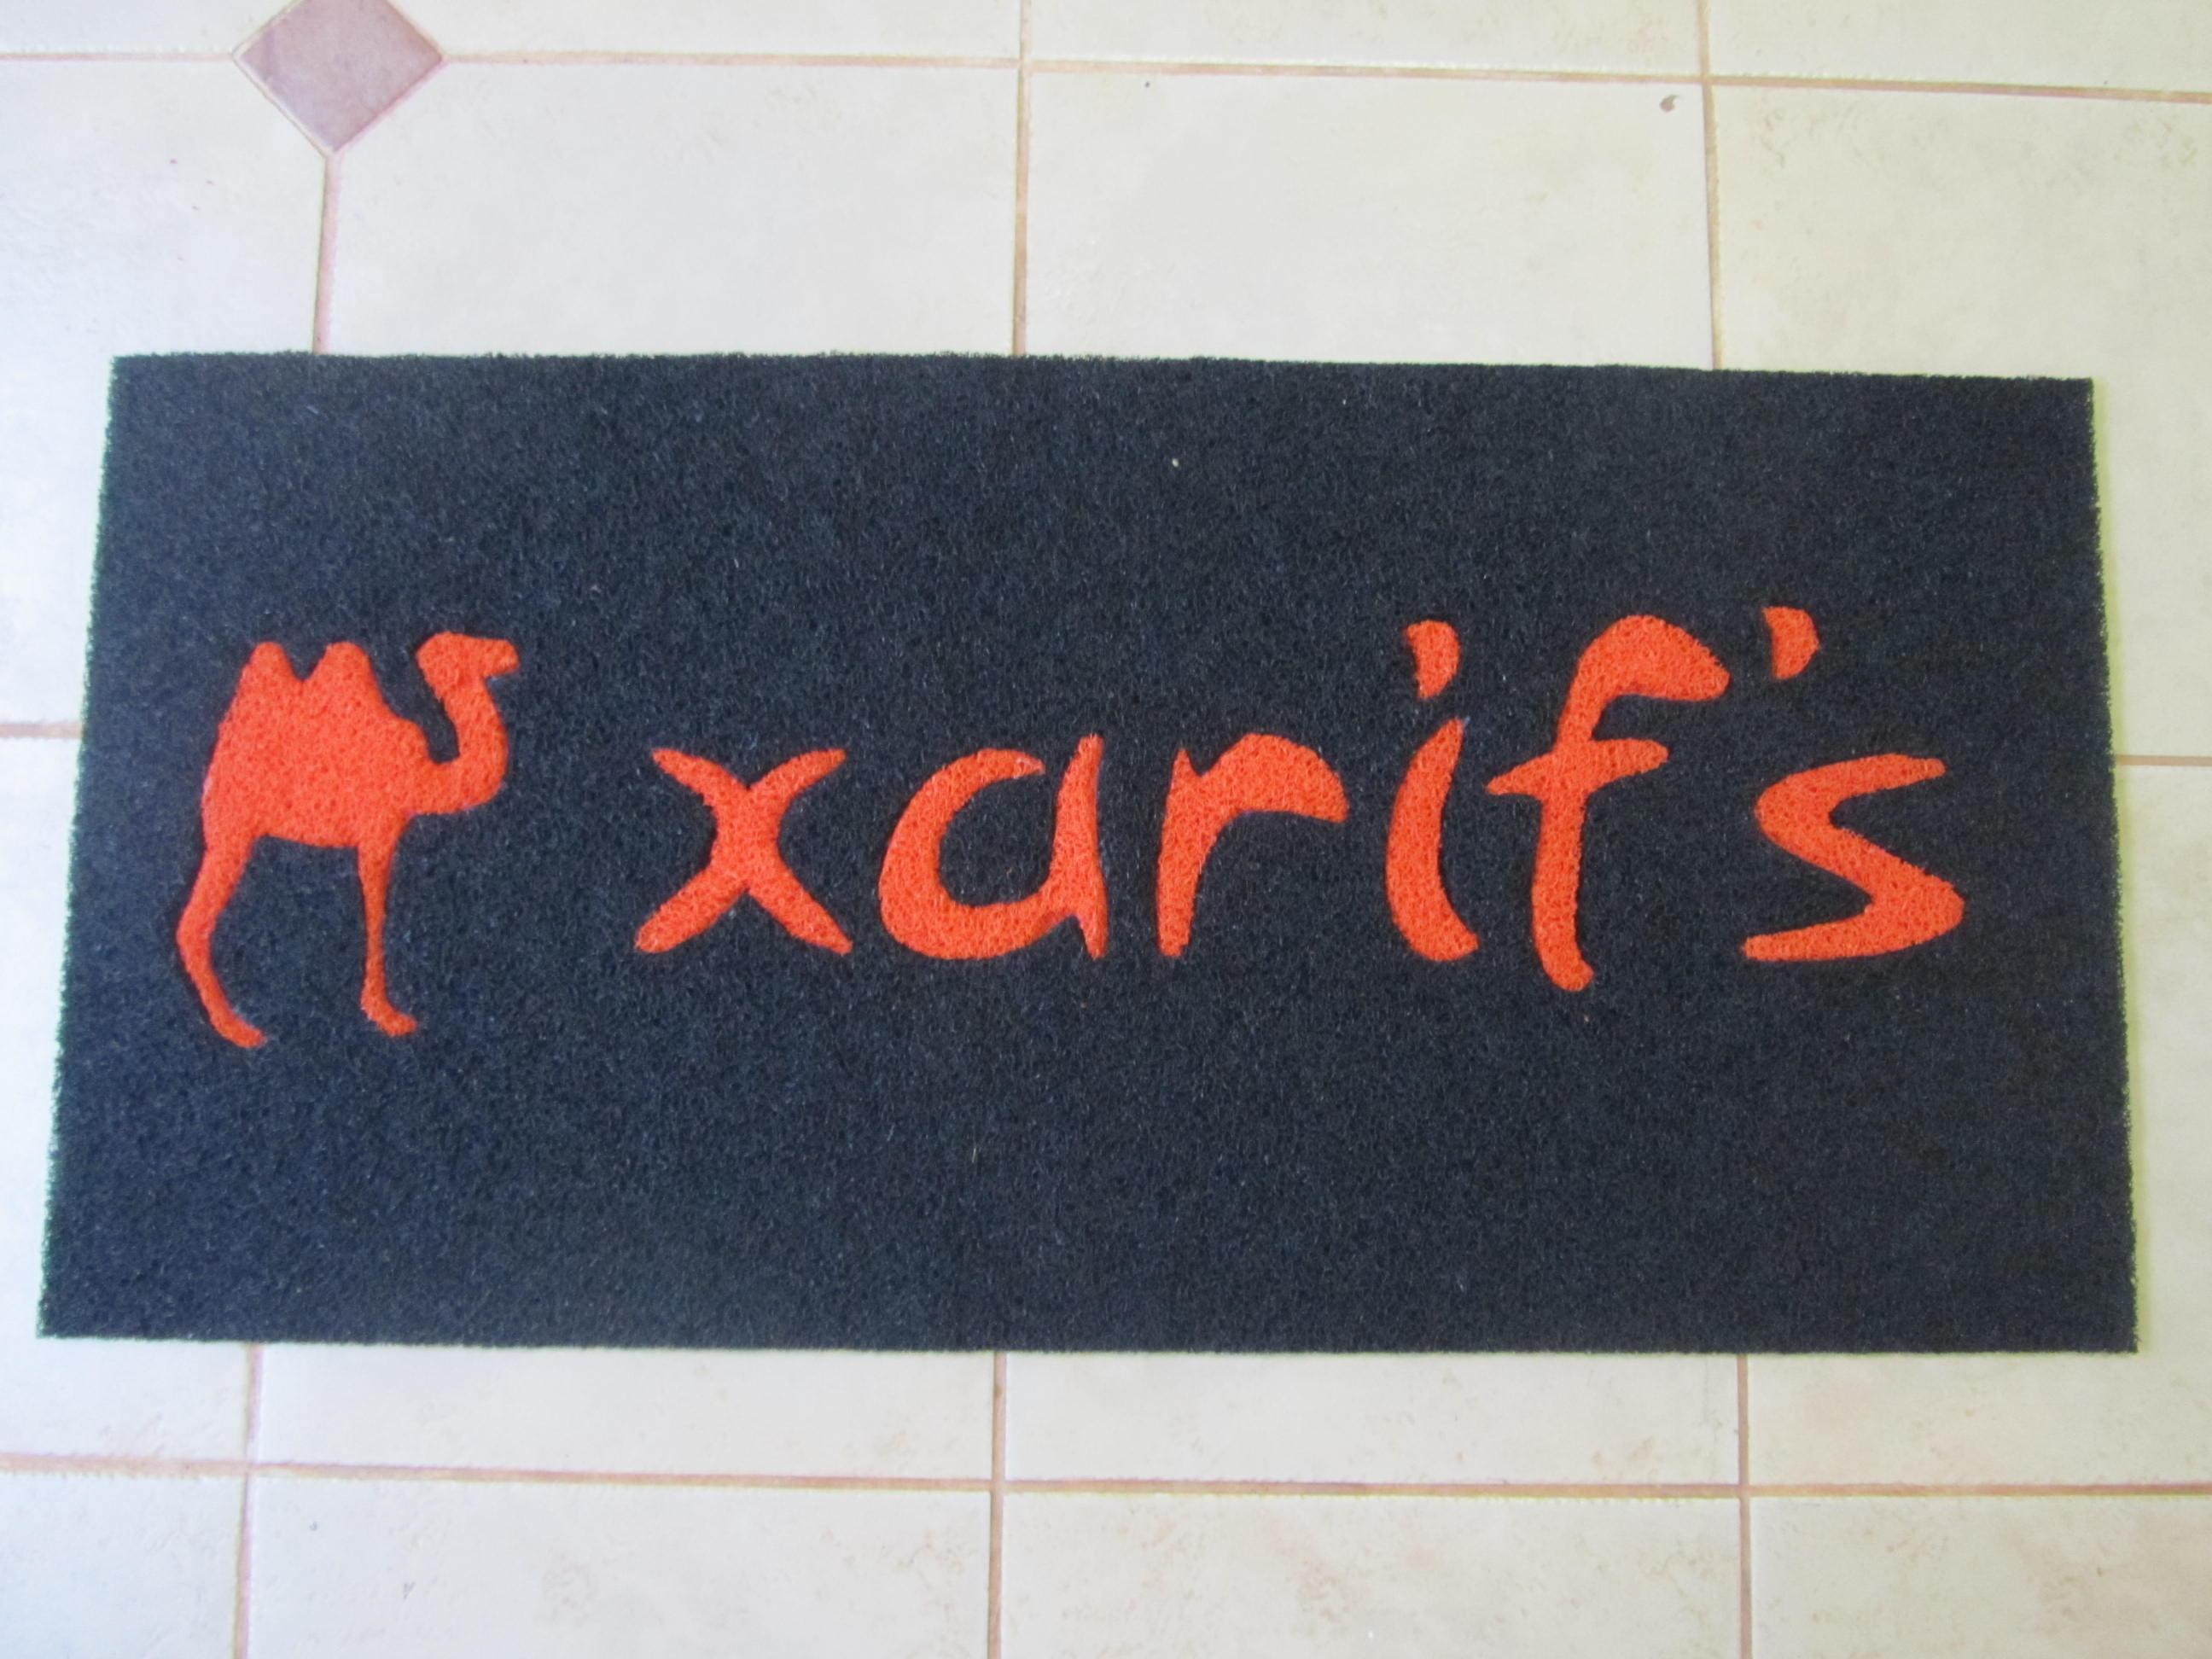 Xarif's.